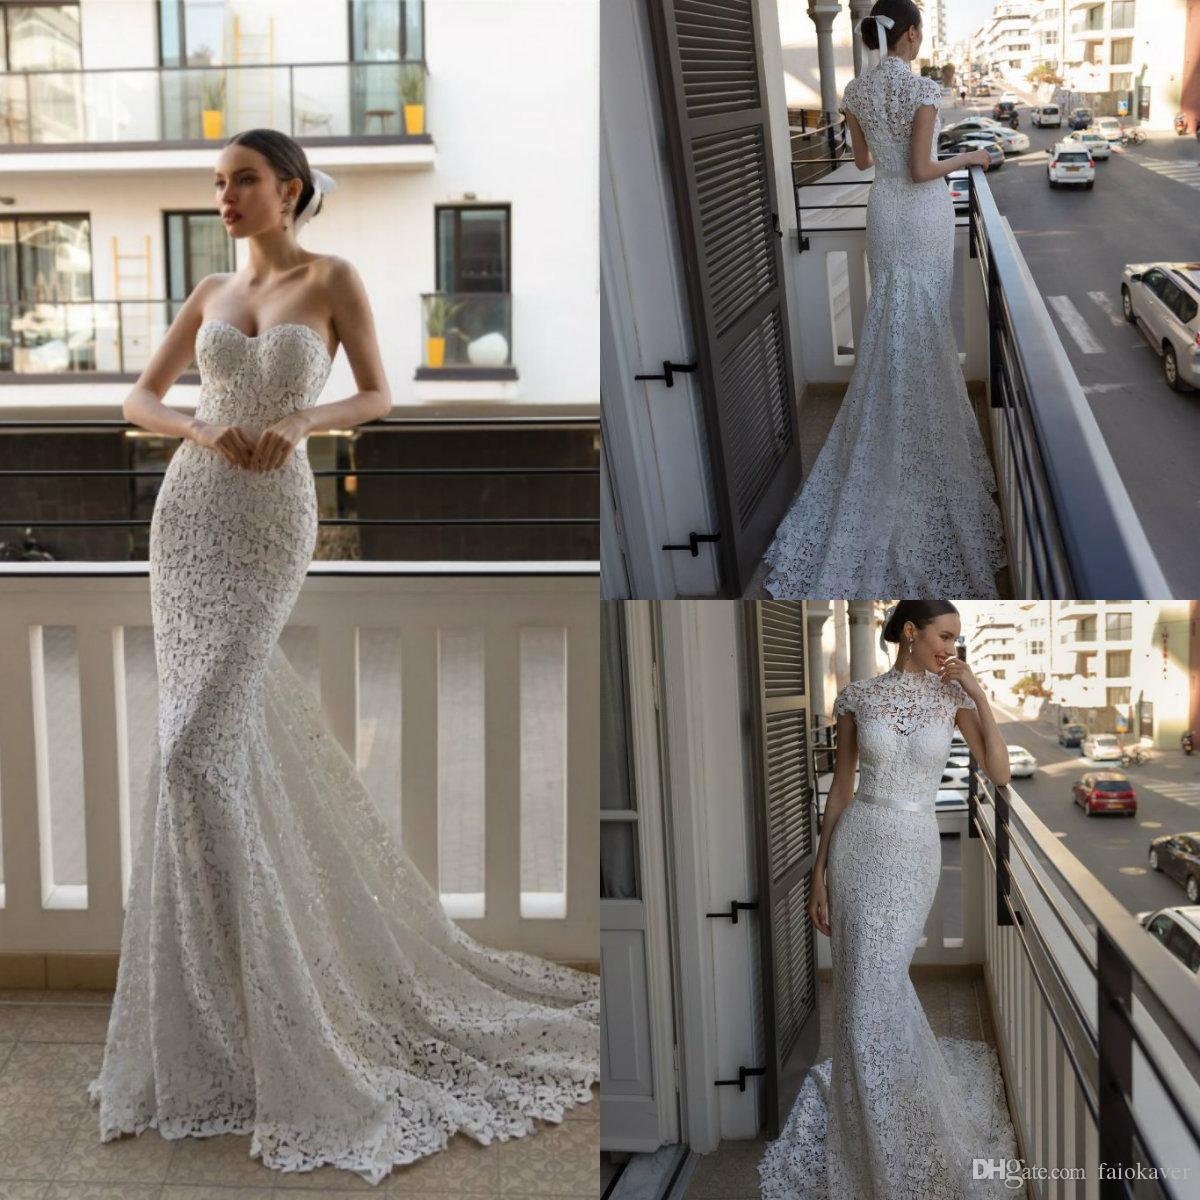 2020 Julie Vino Mermaid Brautkleider mit kurzen Jacke Schatz Sweep Zug Spitze Appliqued Bohemian Brautkleid nach Maß Kleider